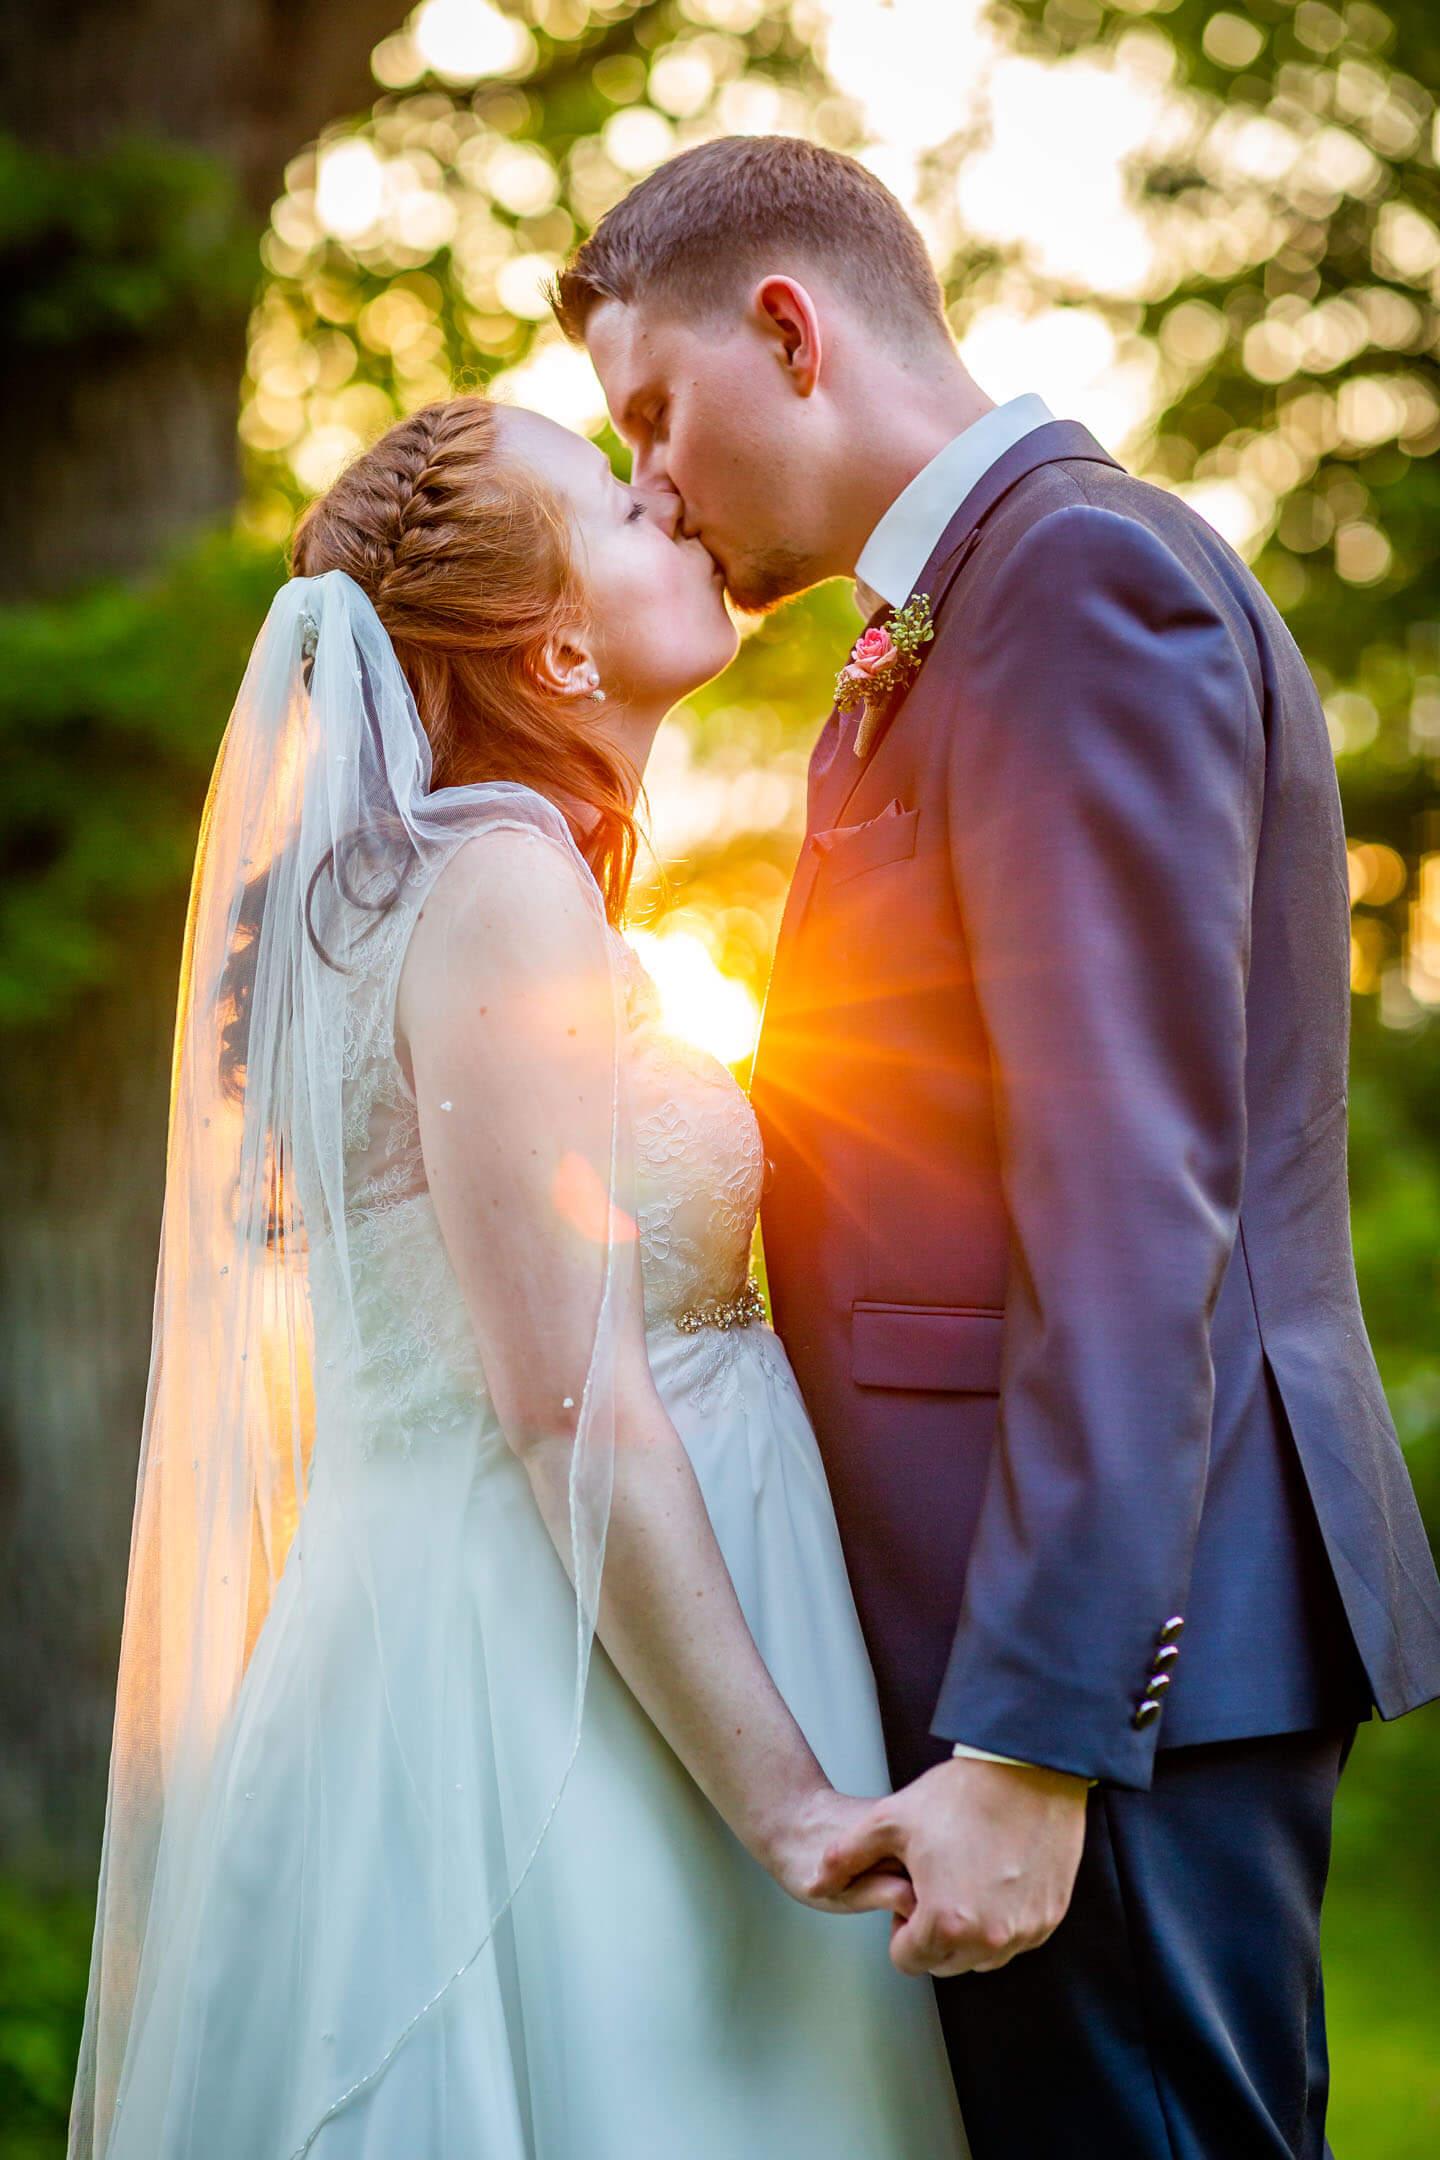 Hochzeitsbilder im Sonnenuntergang. Foto: Florian Läufer